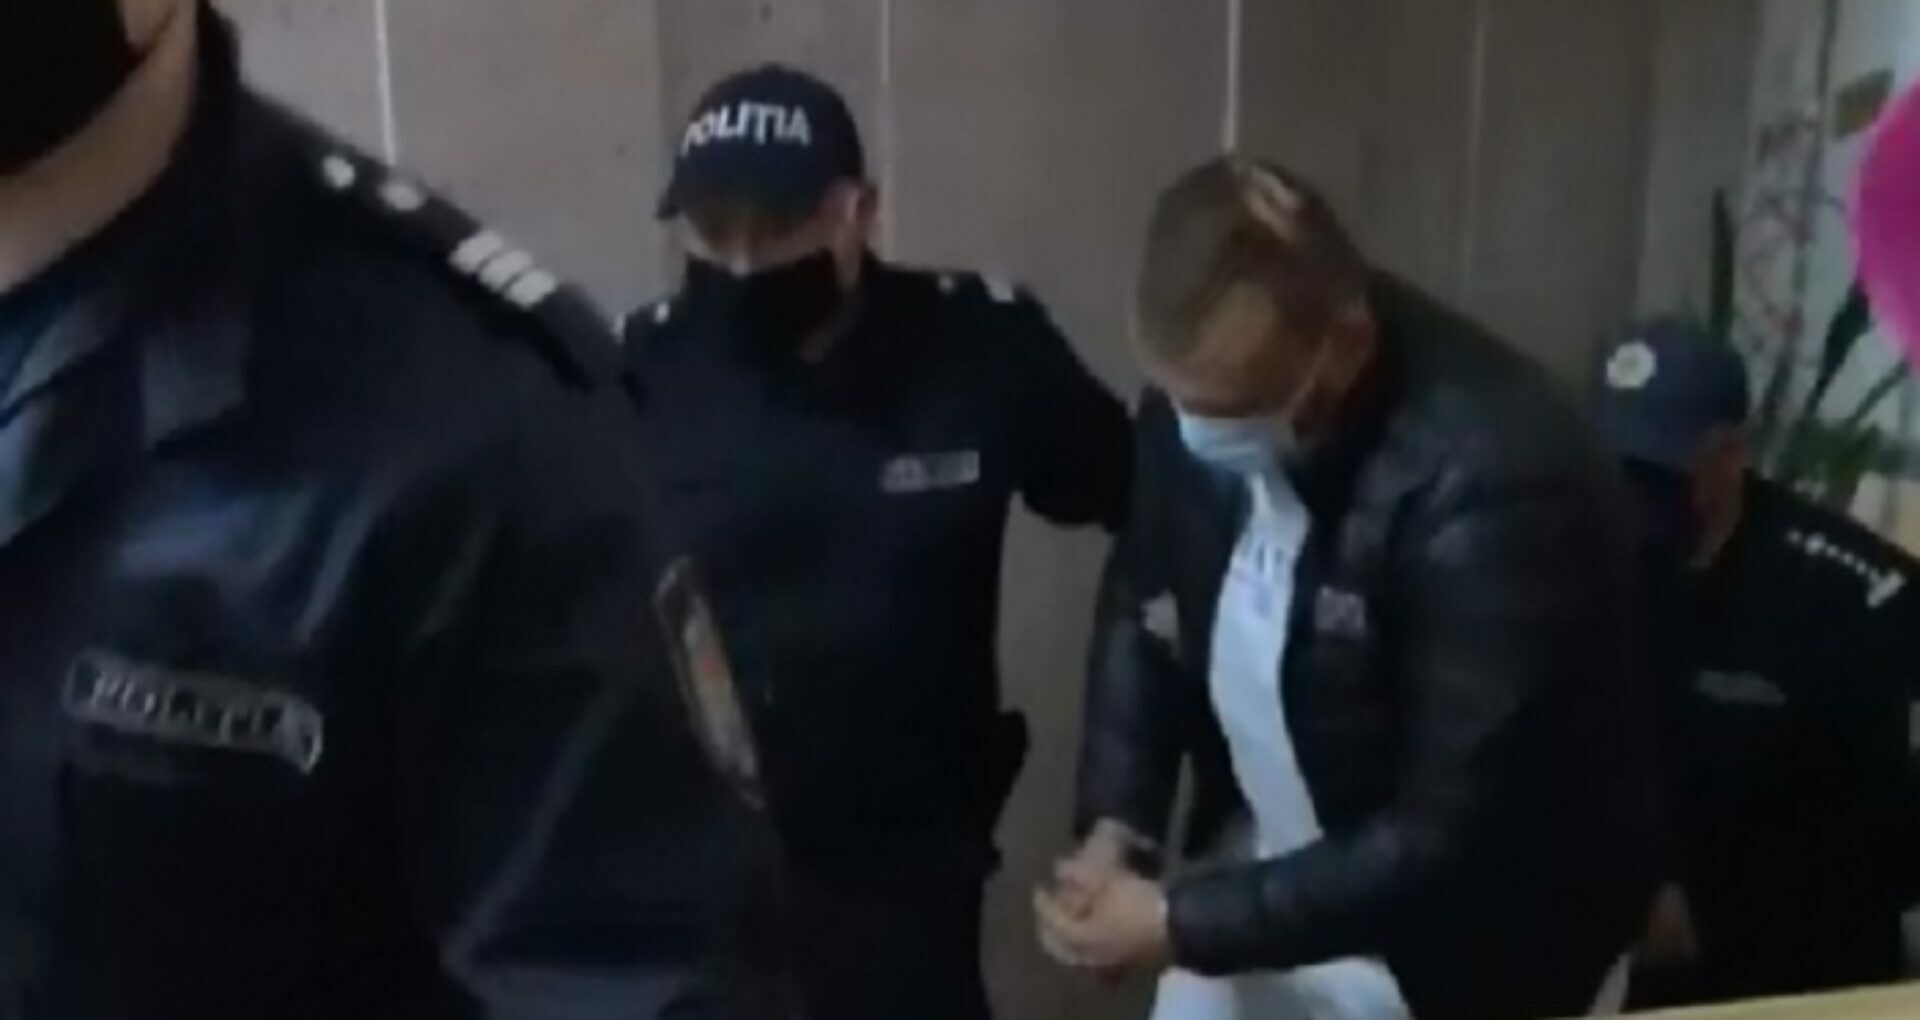 Decizia Curții de Apel Chișinău cu privire la solicitarea avocatului de a-l elibera din arest pe șoferul de la volanul mașinii Audi